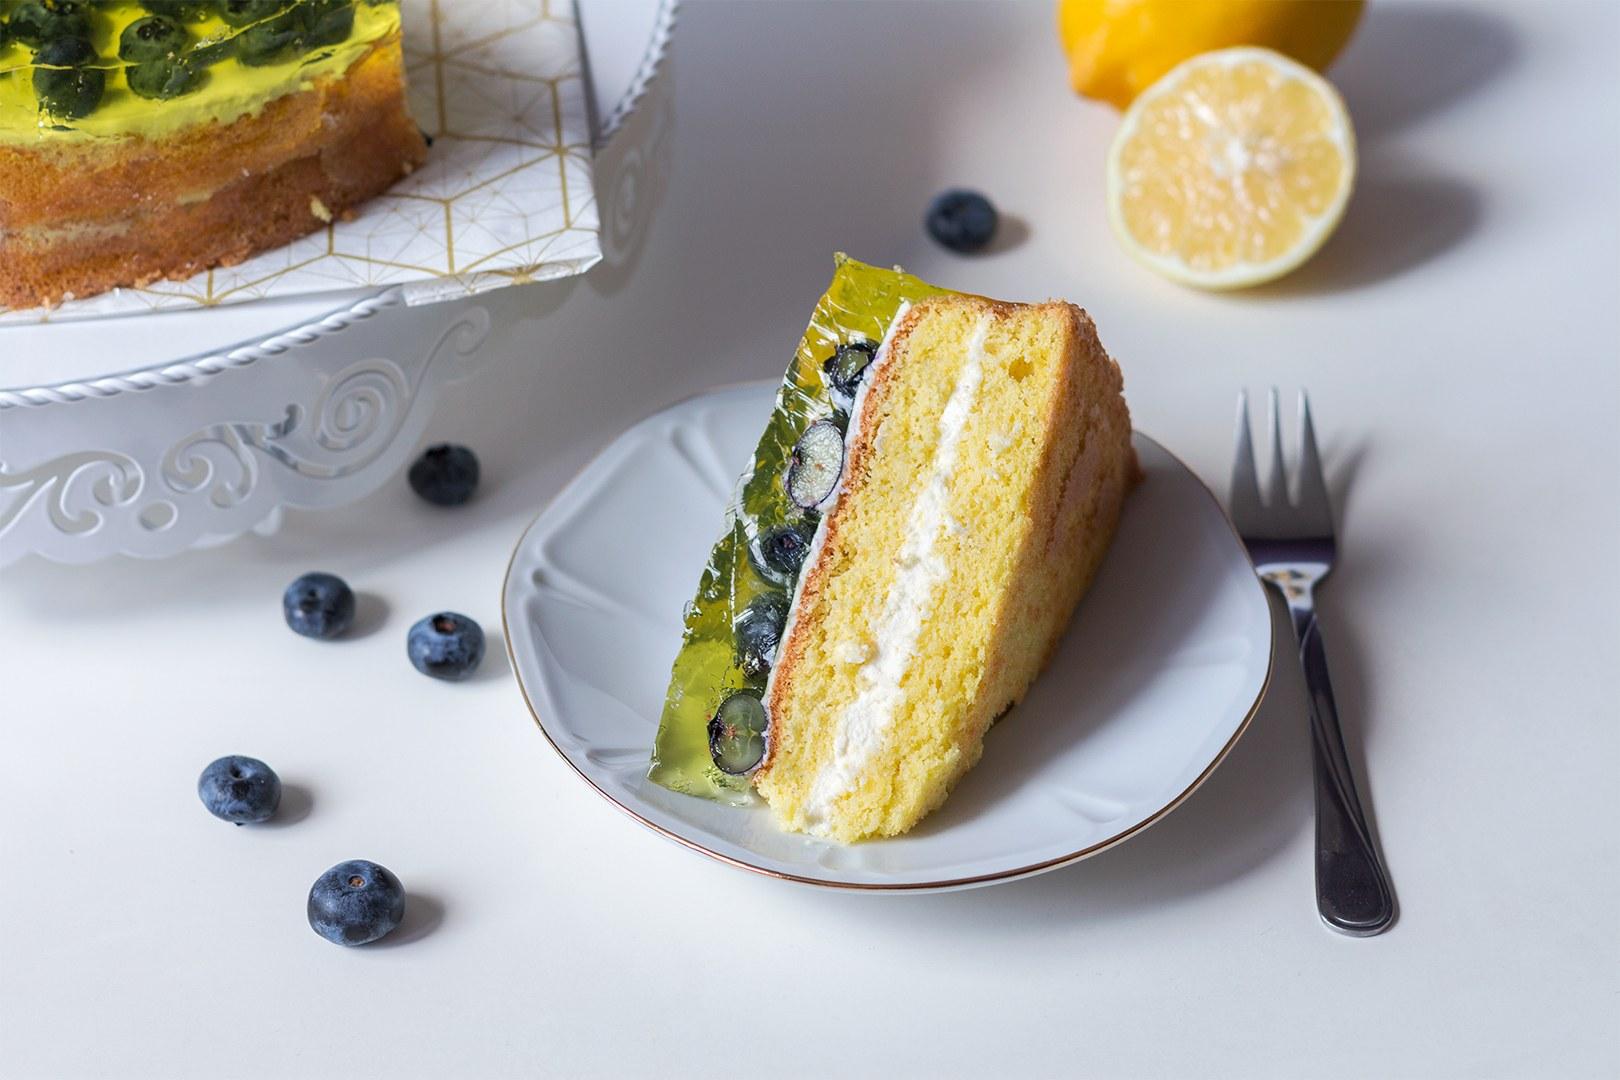 Poznaj przepis na orzeźwiający tort z serkiem mascarpone z lekko kwaśną cytryną, przełamaną słodkimi borówkami. To oryginalny pomysł na elegancki torcik dla gości - doskonale prezentuje się na stole... i doskonale smakuje!  Do wykonania przepisu wykorzystałam tortownicę z wyjmowanym dnem Florina Likoris 26 cm. Cytrynowy tort z borówkami wyśmienicie prezentuje się na metalowej paterze na ciasto Birmann Cake Couture, a smakuje jeszcze lepiej na porcelanowym talerzyku Mariapaula z linii Geometria Złota.